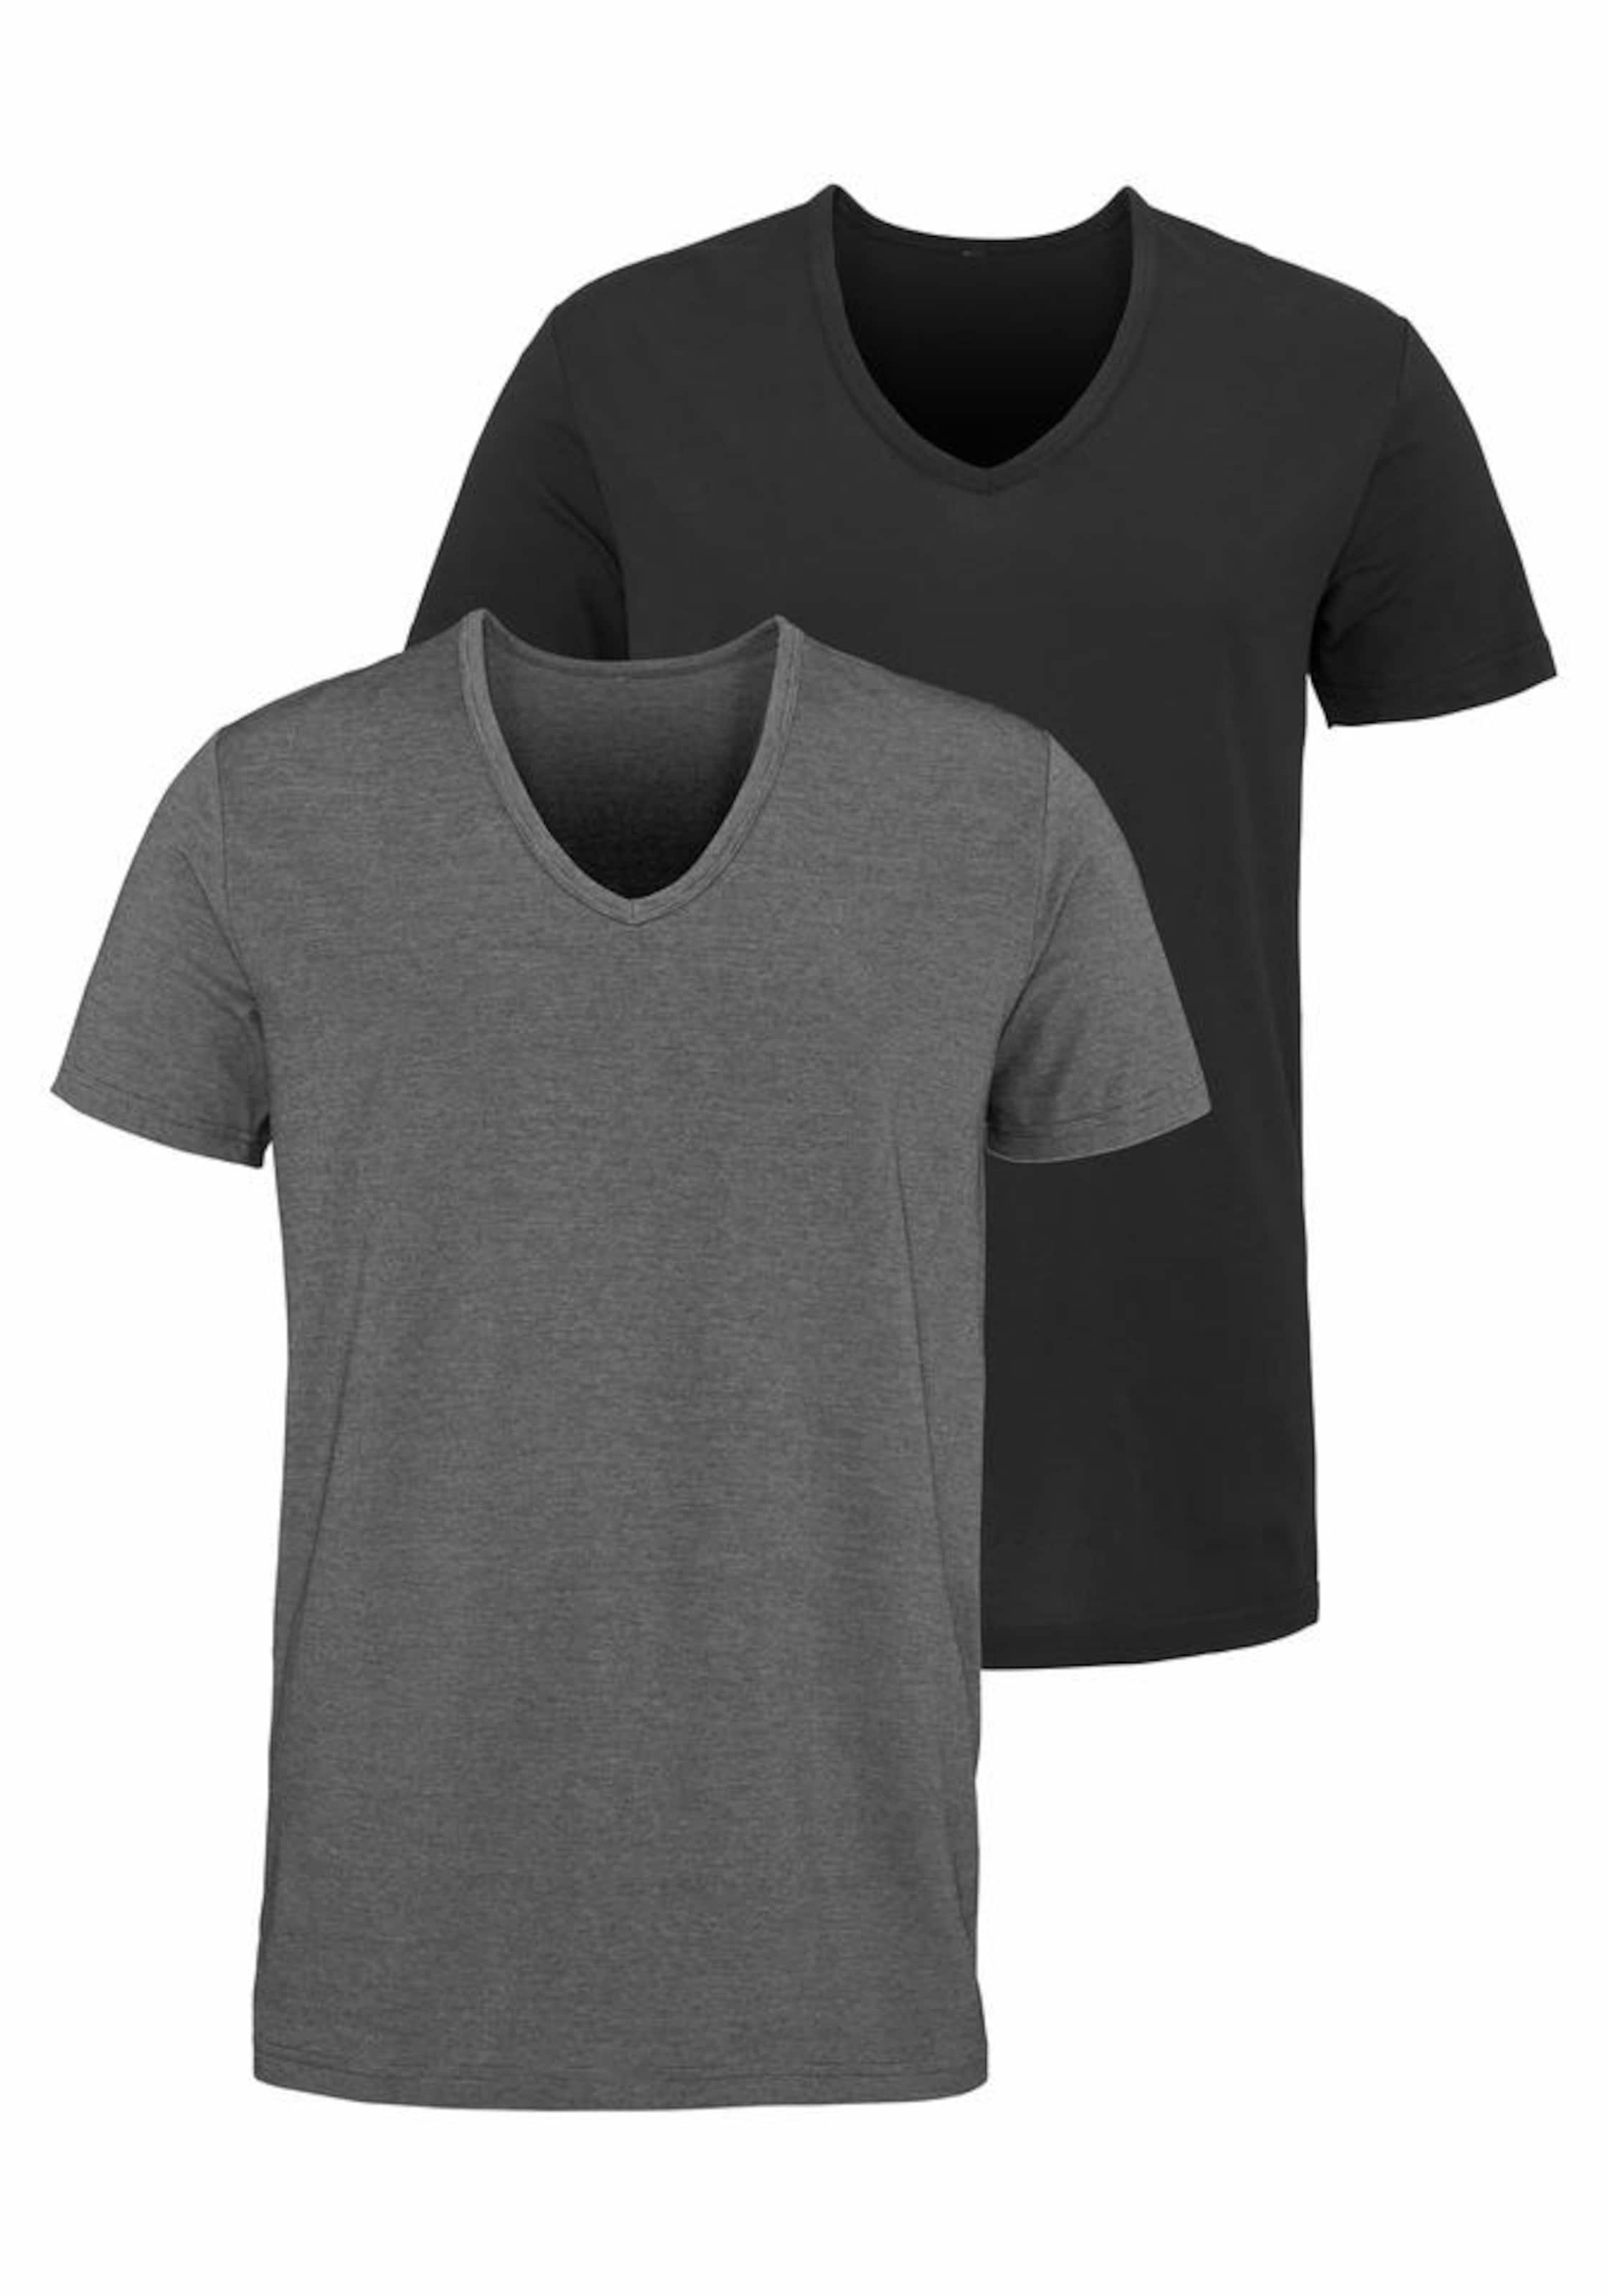 BENCH V-Shirt aus atmungsaktiver COOLMAX® Ware Online-Shopping Mit Mastercard Billig Footlocker Finish Besuchen Neue Billig Verkauf Heißen Verkauf Zuverlässige Online-Verkauf BTmWfz